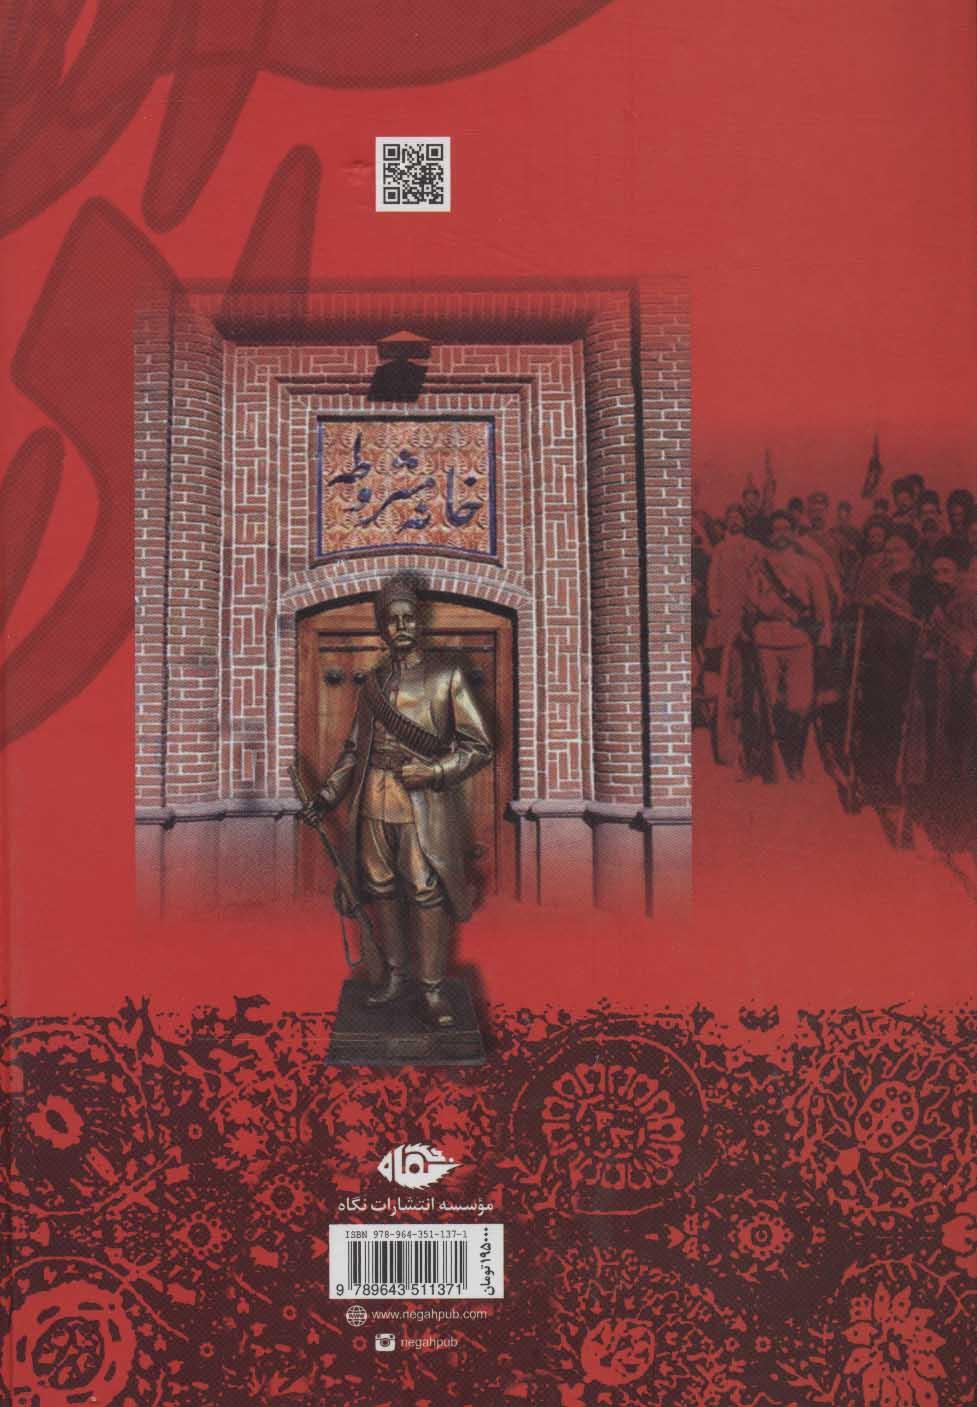 تاریخ هجده ساله آذربایجان (بازمانده تاریخ مشروطه ایران)